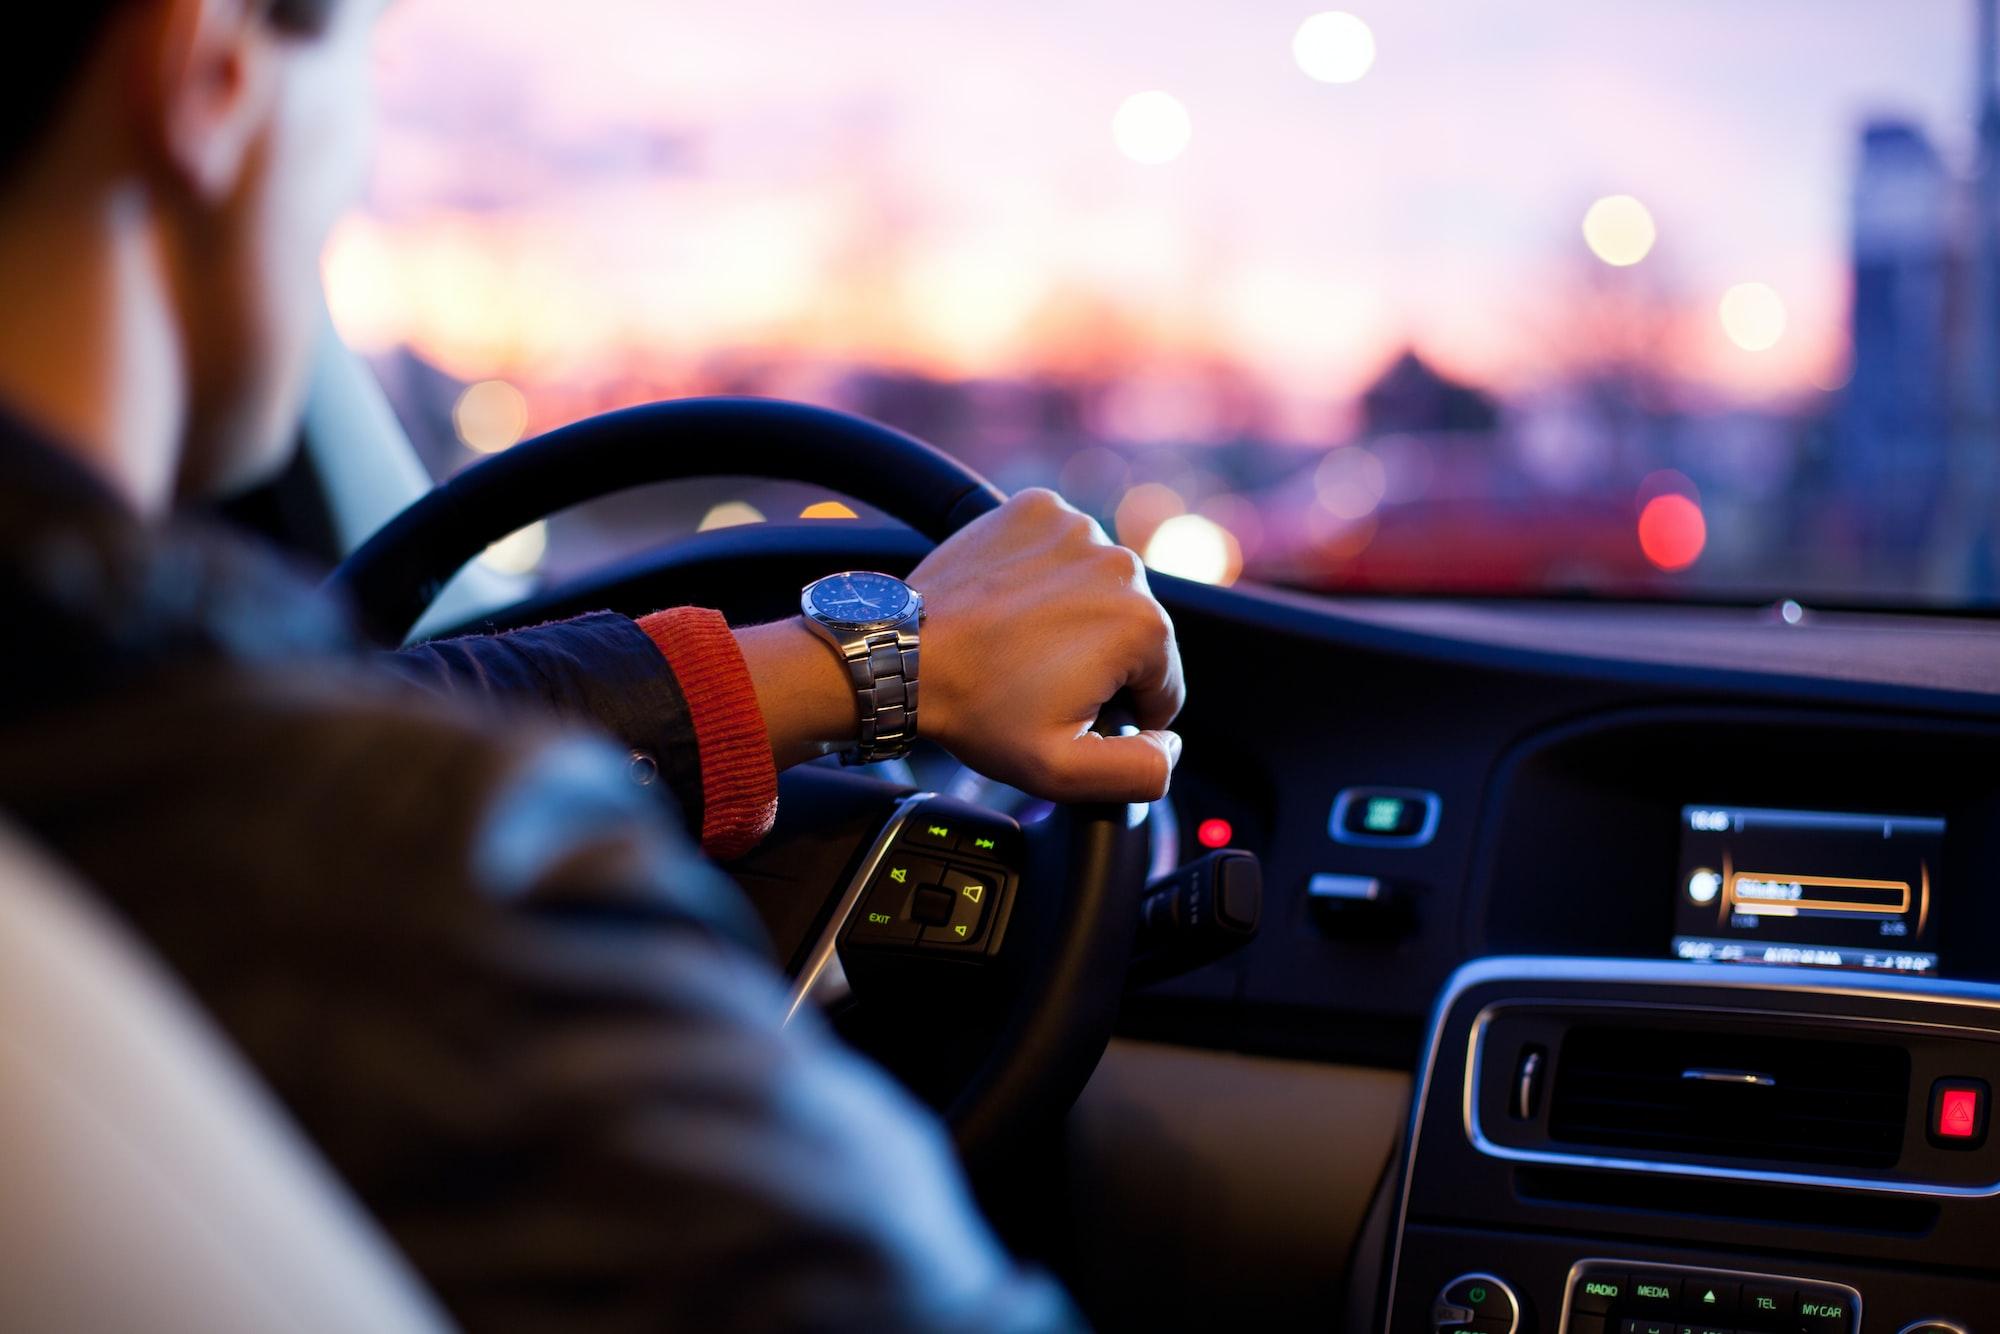 Conductores part time: las profesiones más frecuentes e inusuales detrás del volante de Beat